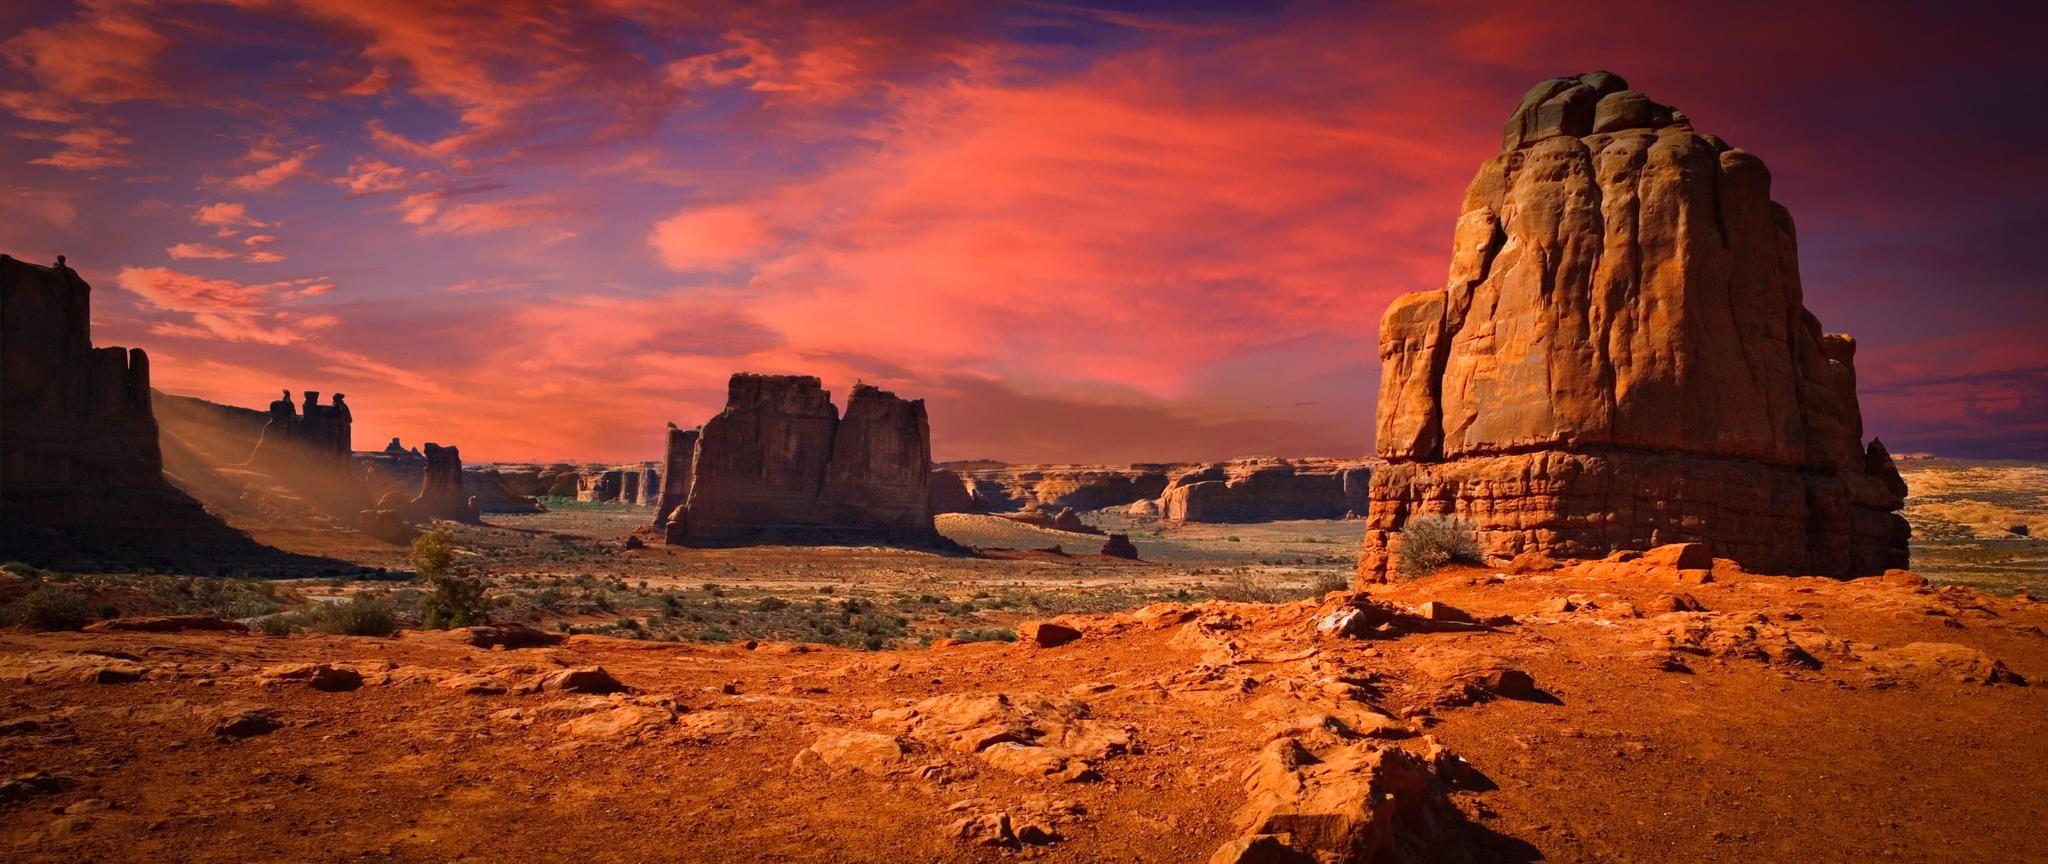 Arches National Monument by Richard Desmarais / 500px